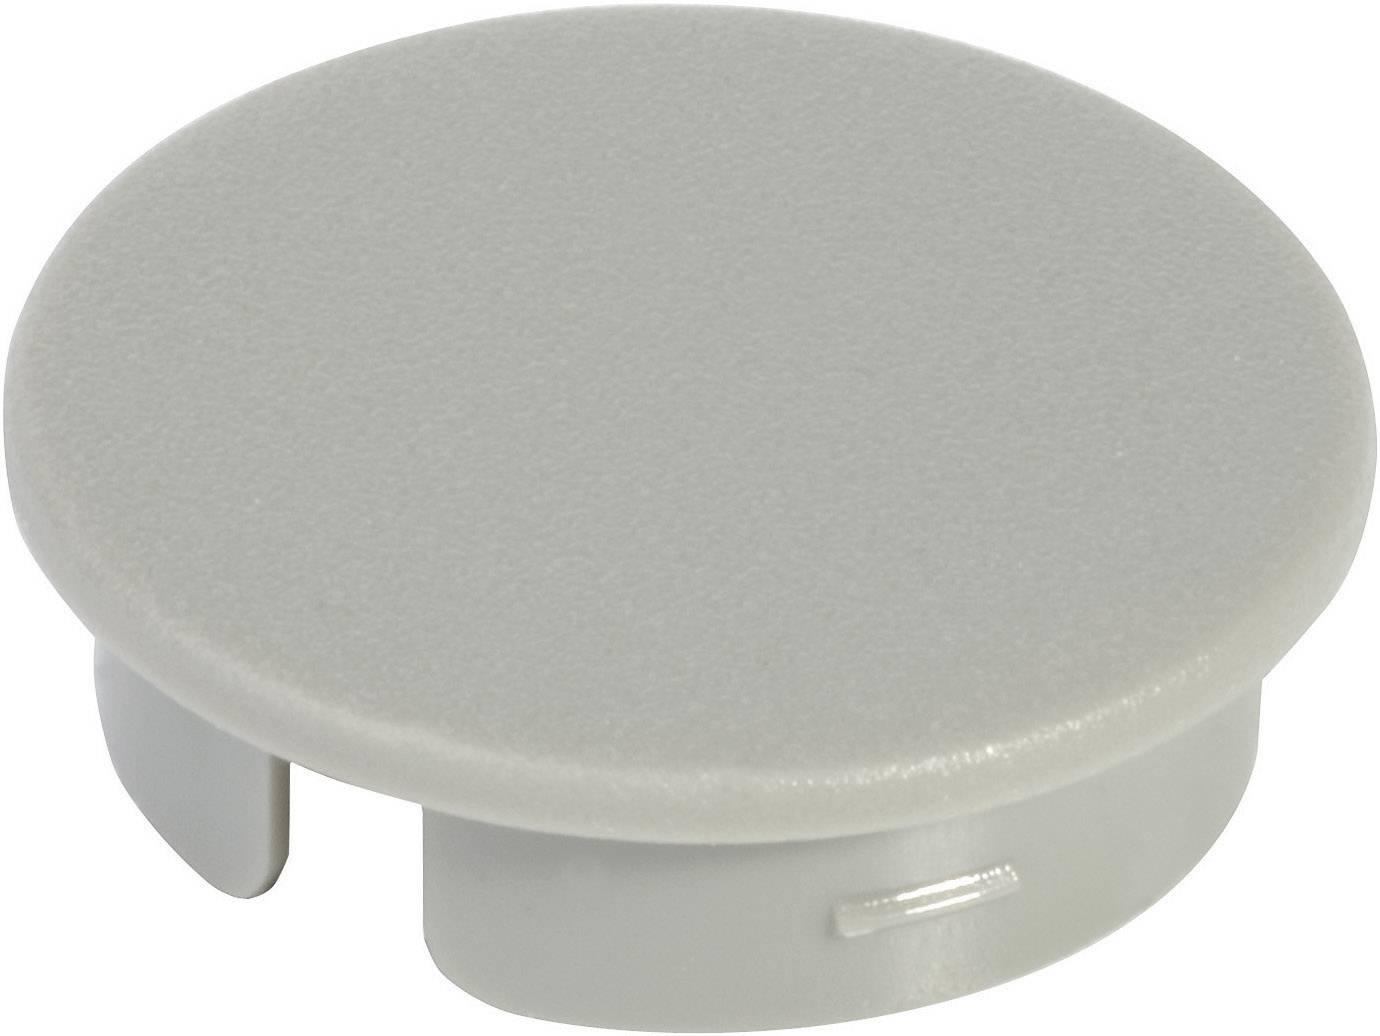 Krytka na otočný knoflík bez ukazatele OKW, pro knoflíky/O 23 mm, šedá